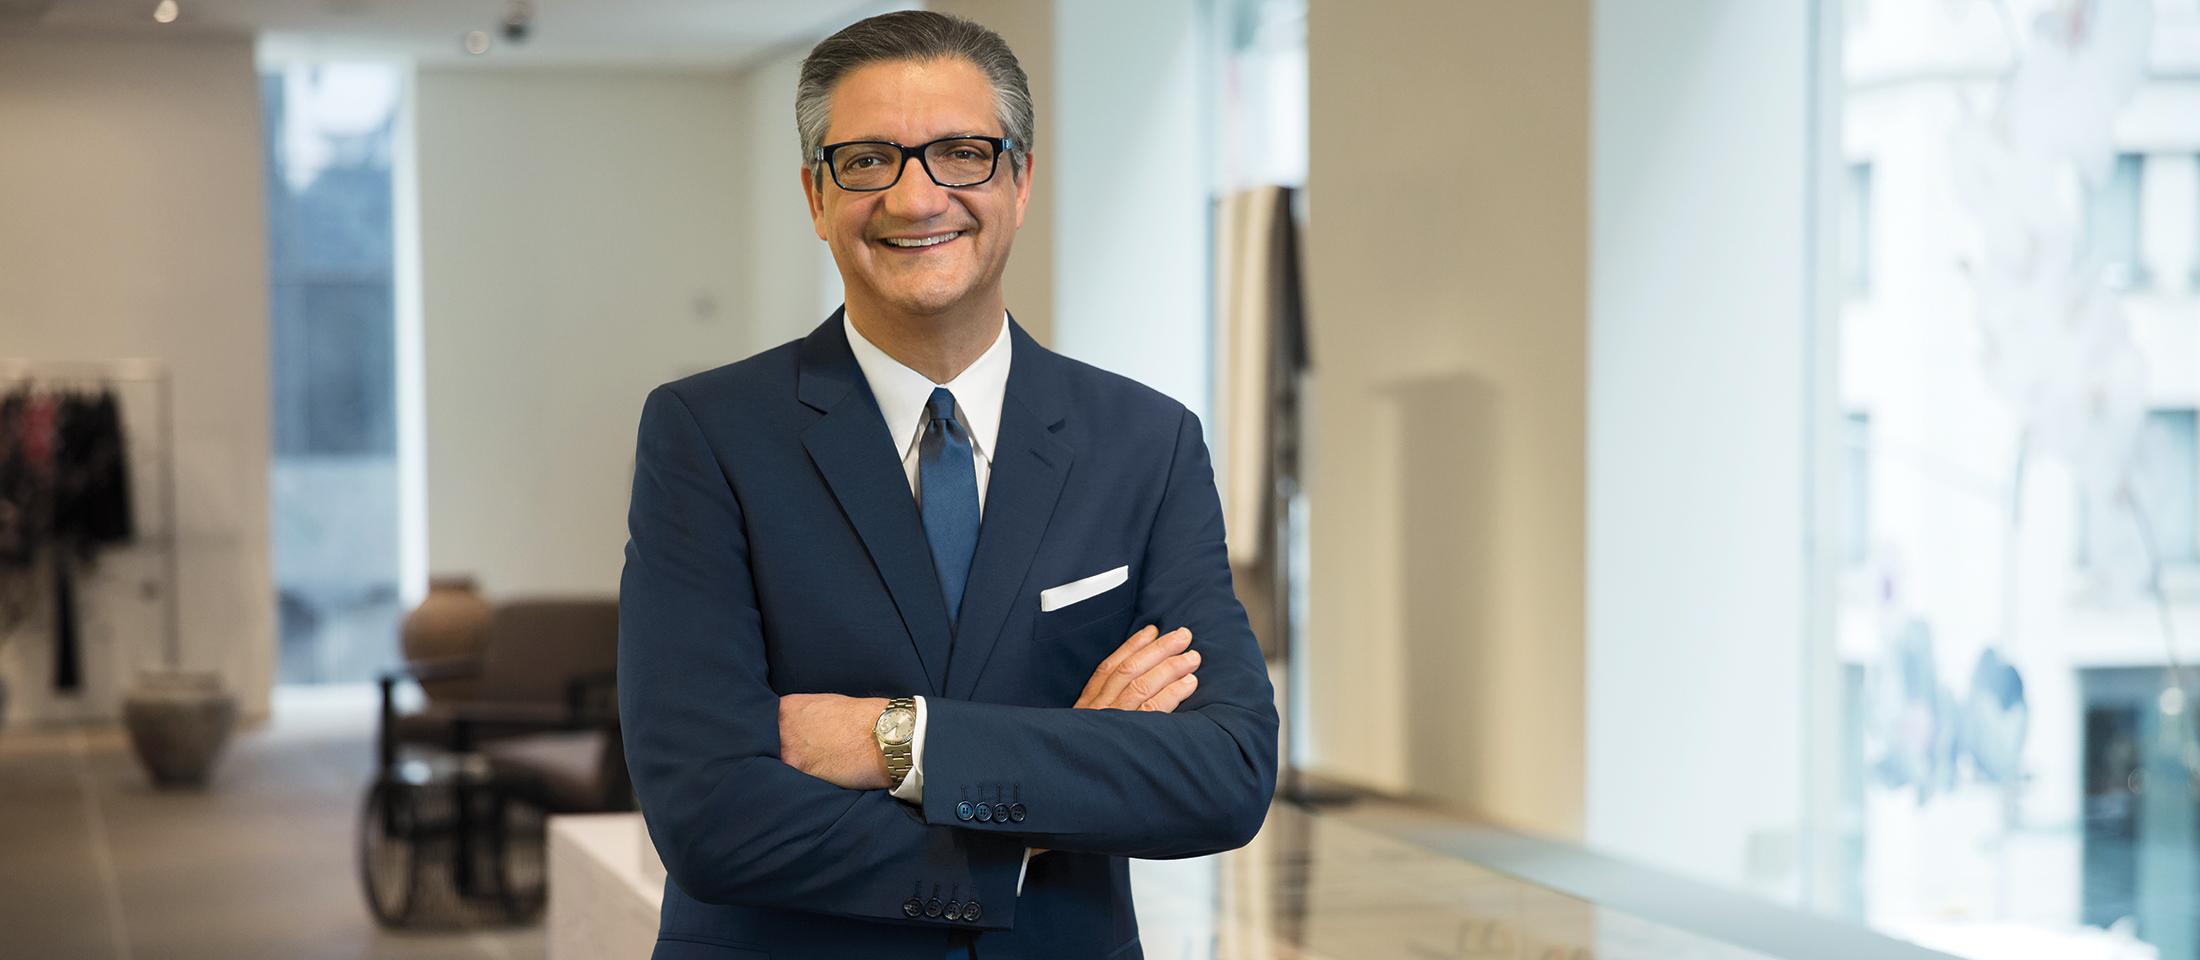 CEO kế thừa bắt đầu từ việc phát triển người lãnh đạo | L&A